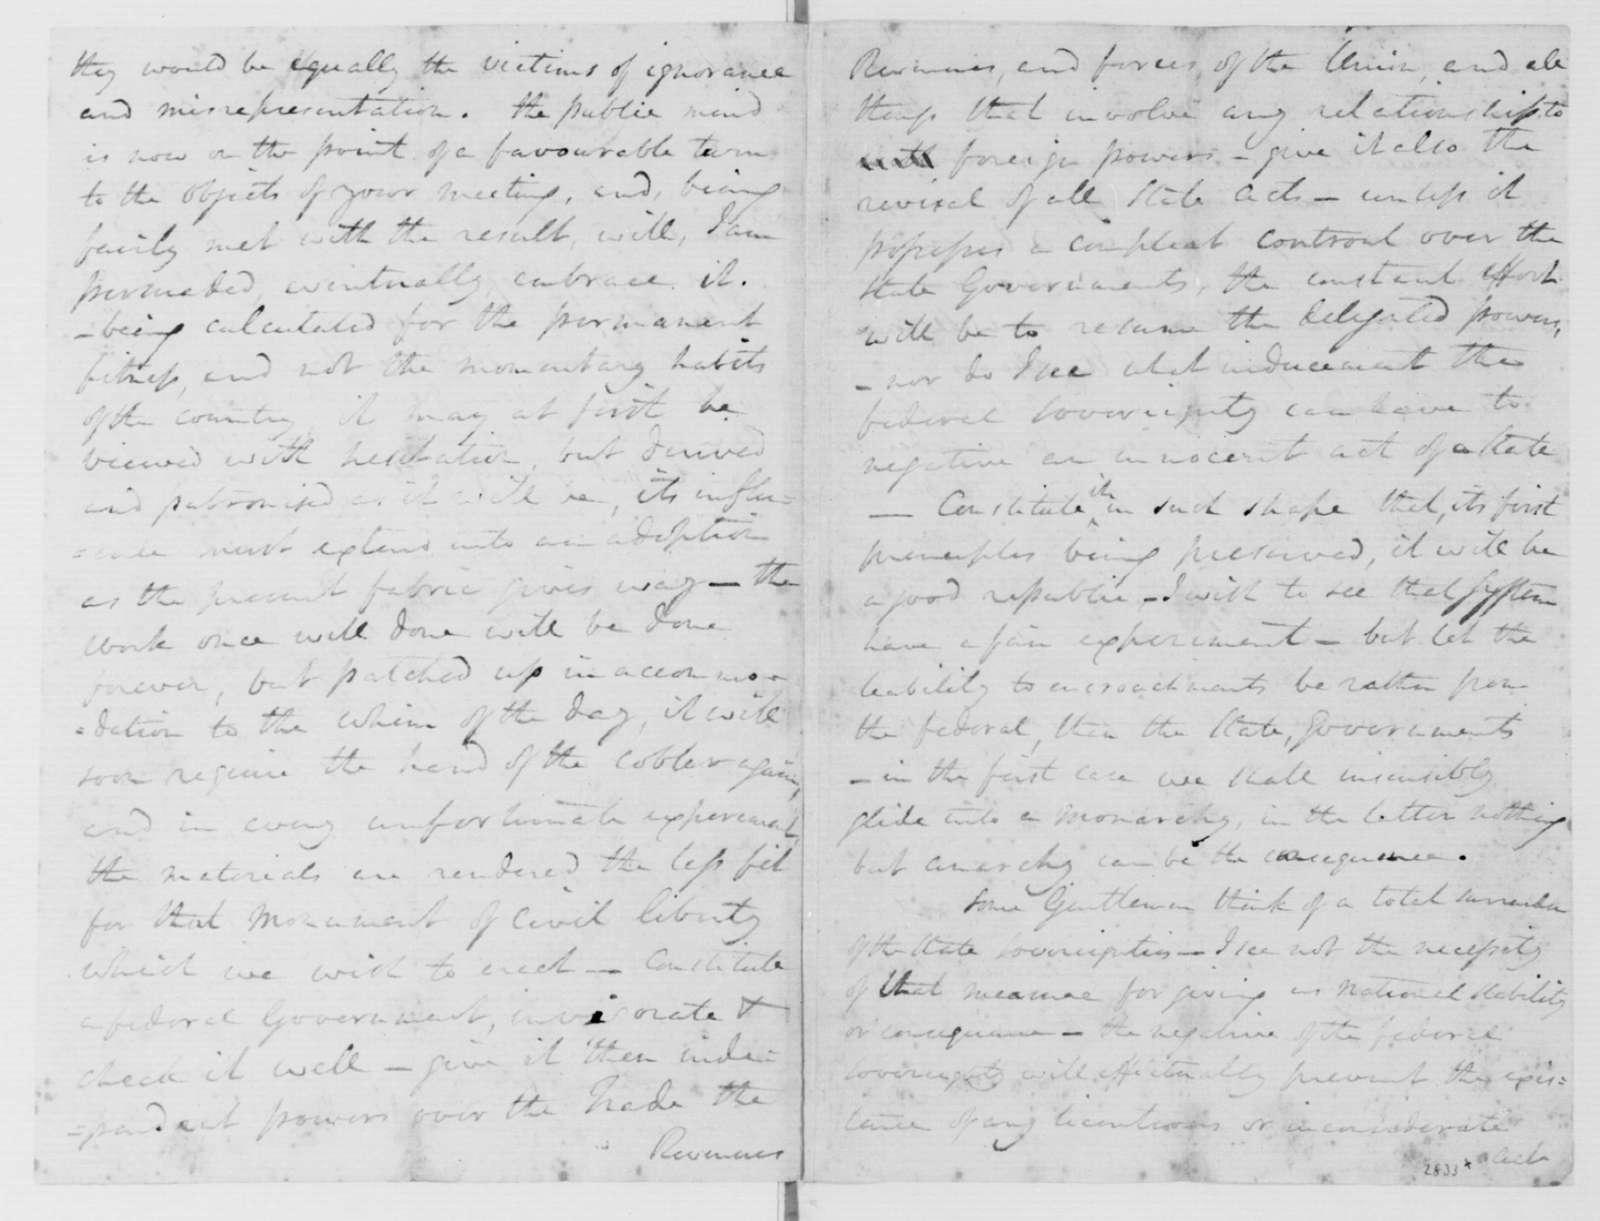 Edward Carrington to James Madison, June 13, 1787.